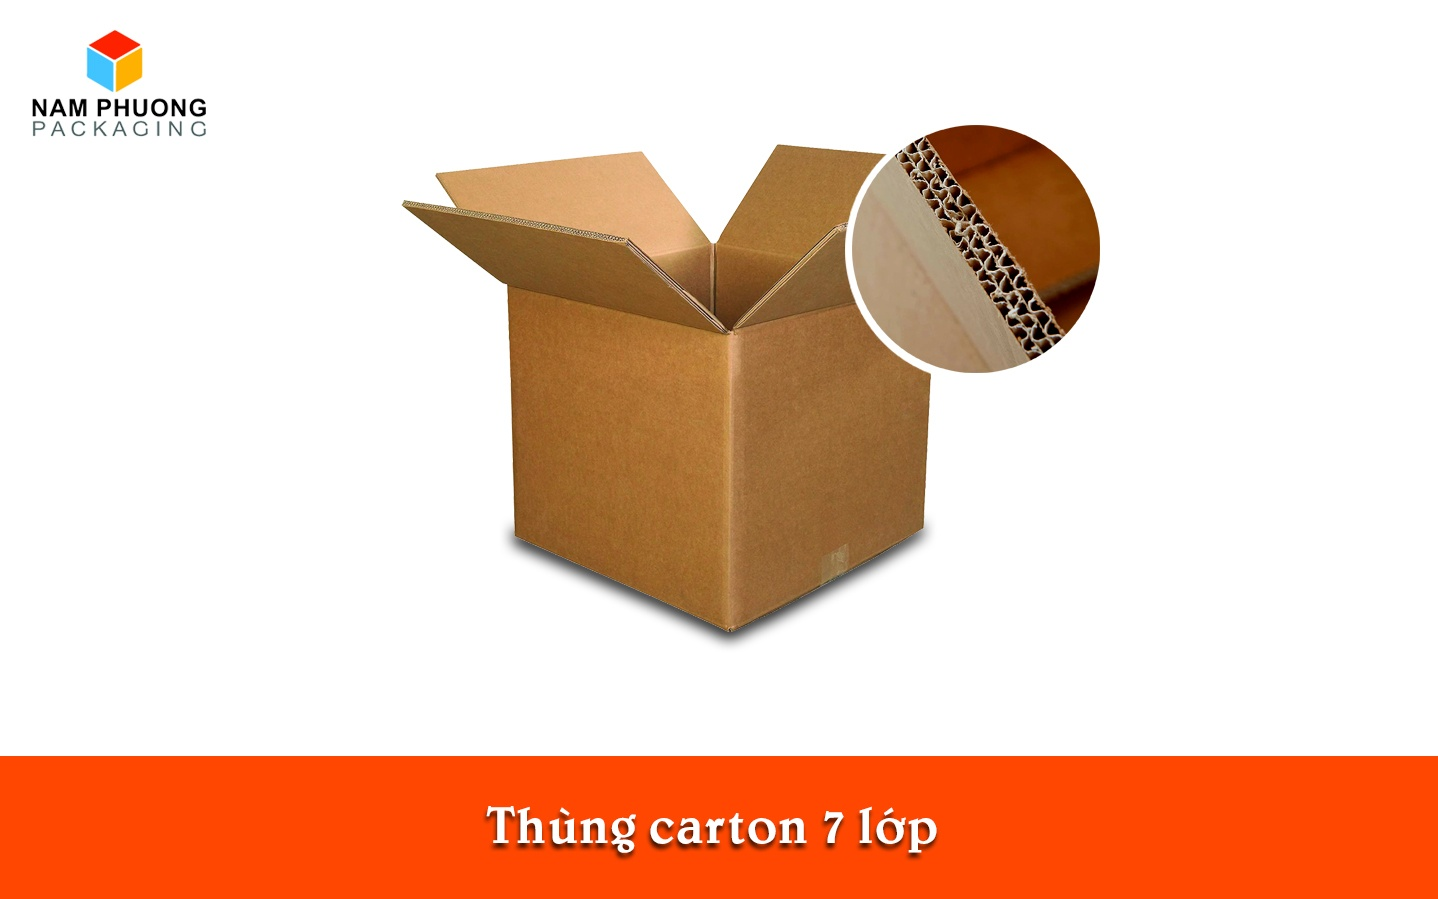 THUNG CARTON 7 LOP